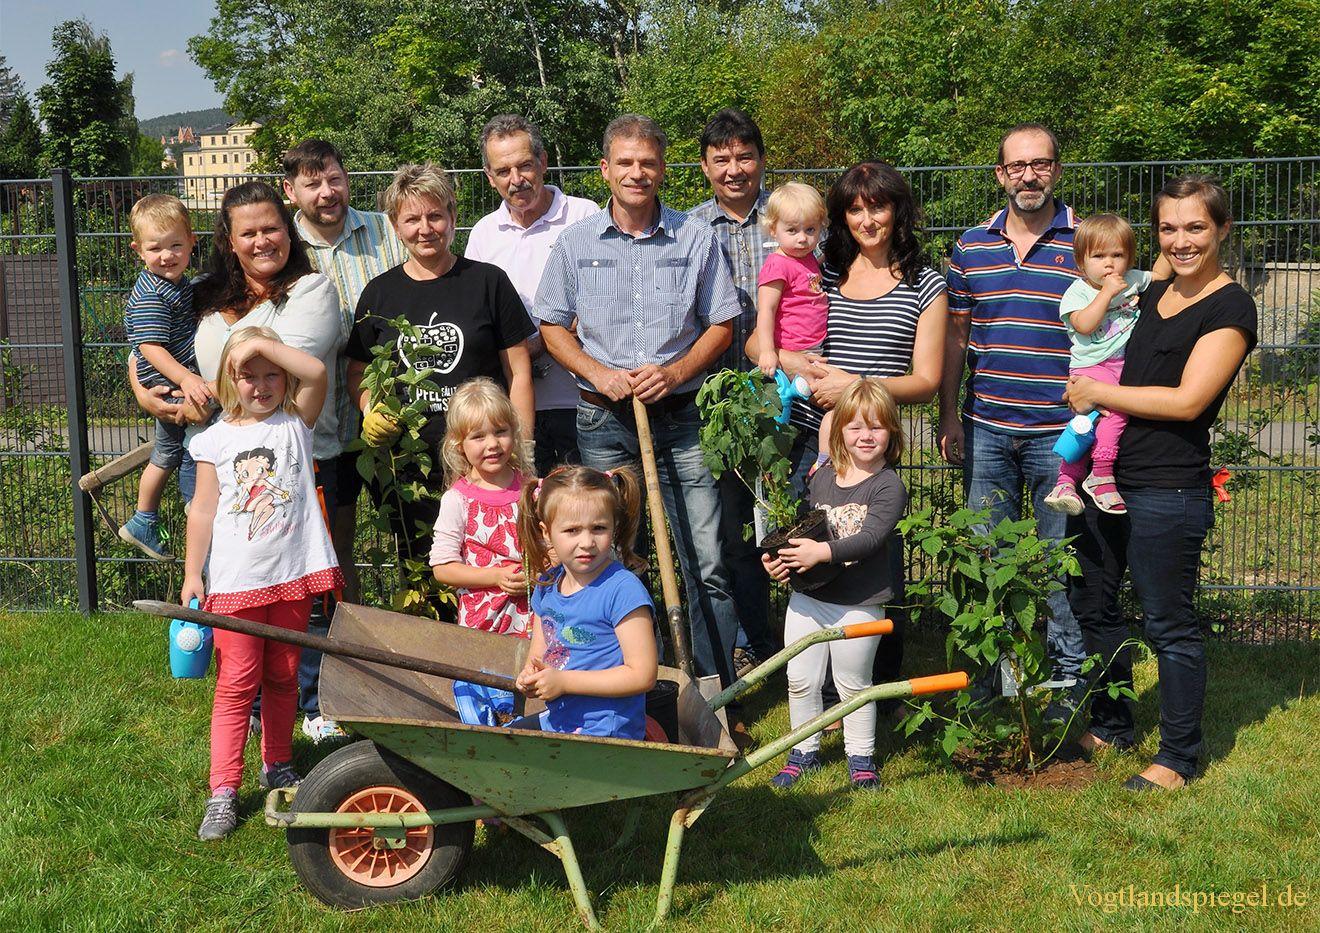 Vogtlandspiegel: Greizer Neustadtverein setzt weiteres wichtiges Signal